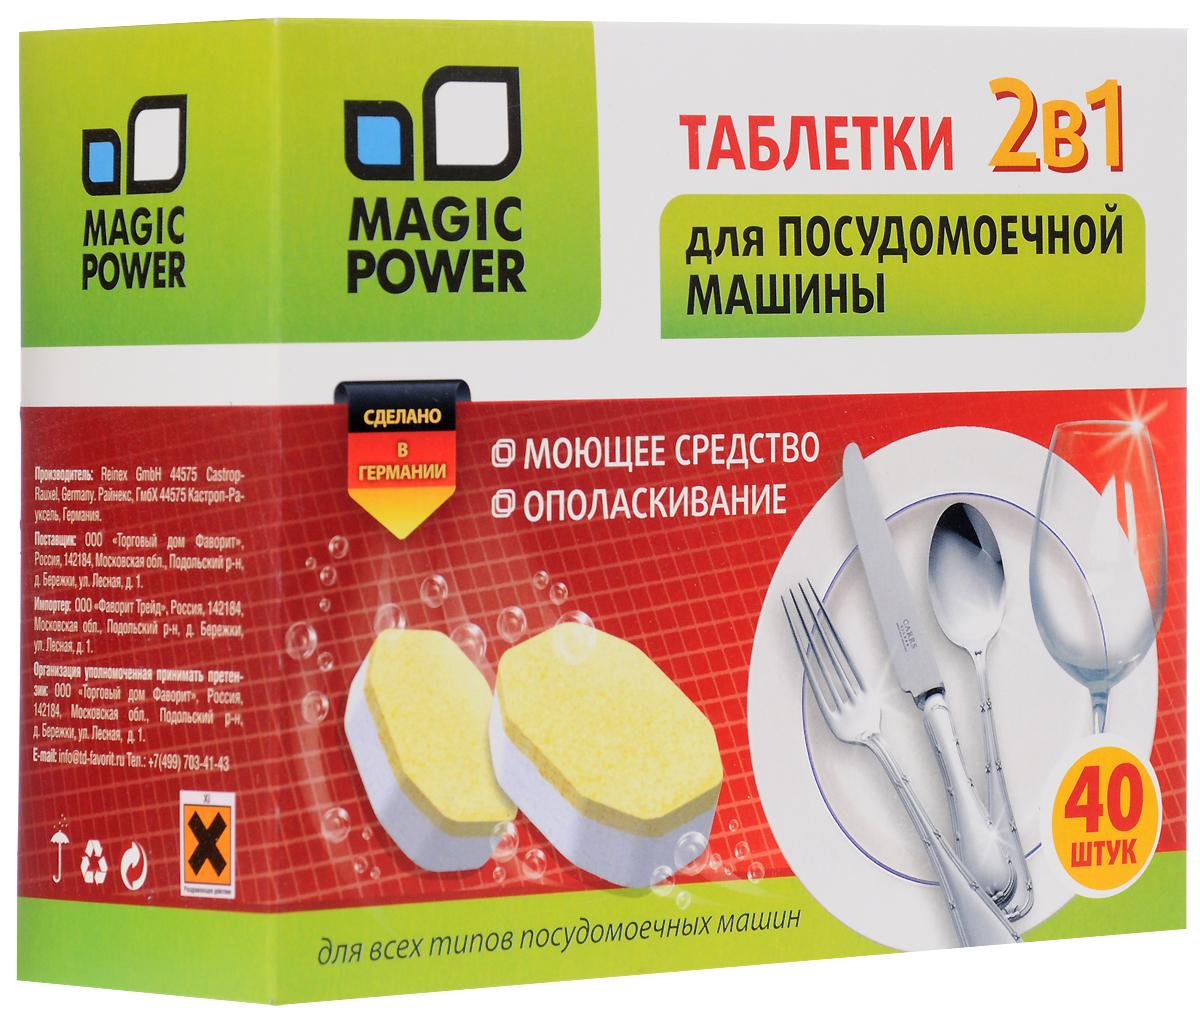 Таблетки для посудомоечной машины 2 в 1 Magic Power, 40 шт таблетки для посудомоечной машины 5 в 1 magic power 16 шт